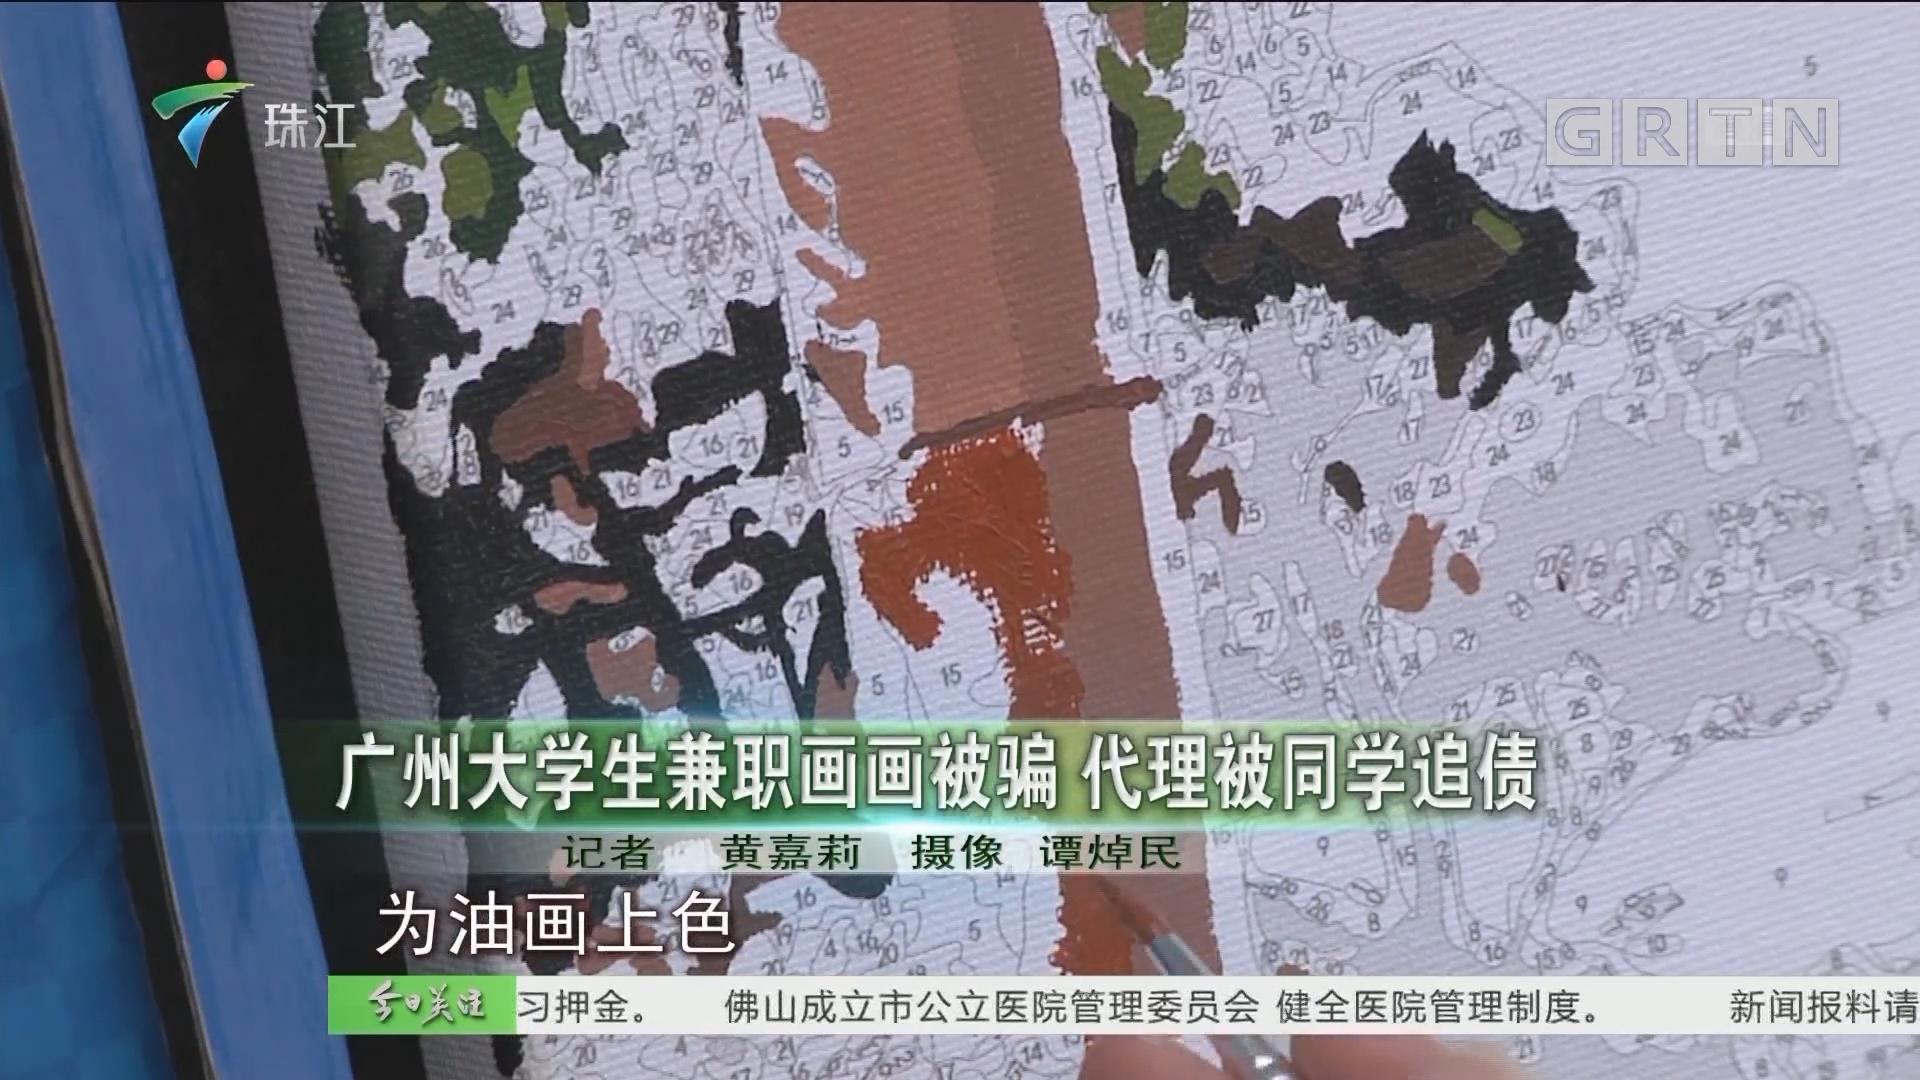 广州大学生兼职画画被骗 代理被同学追债